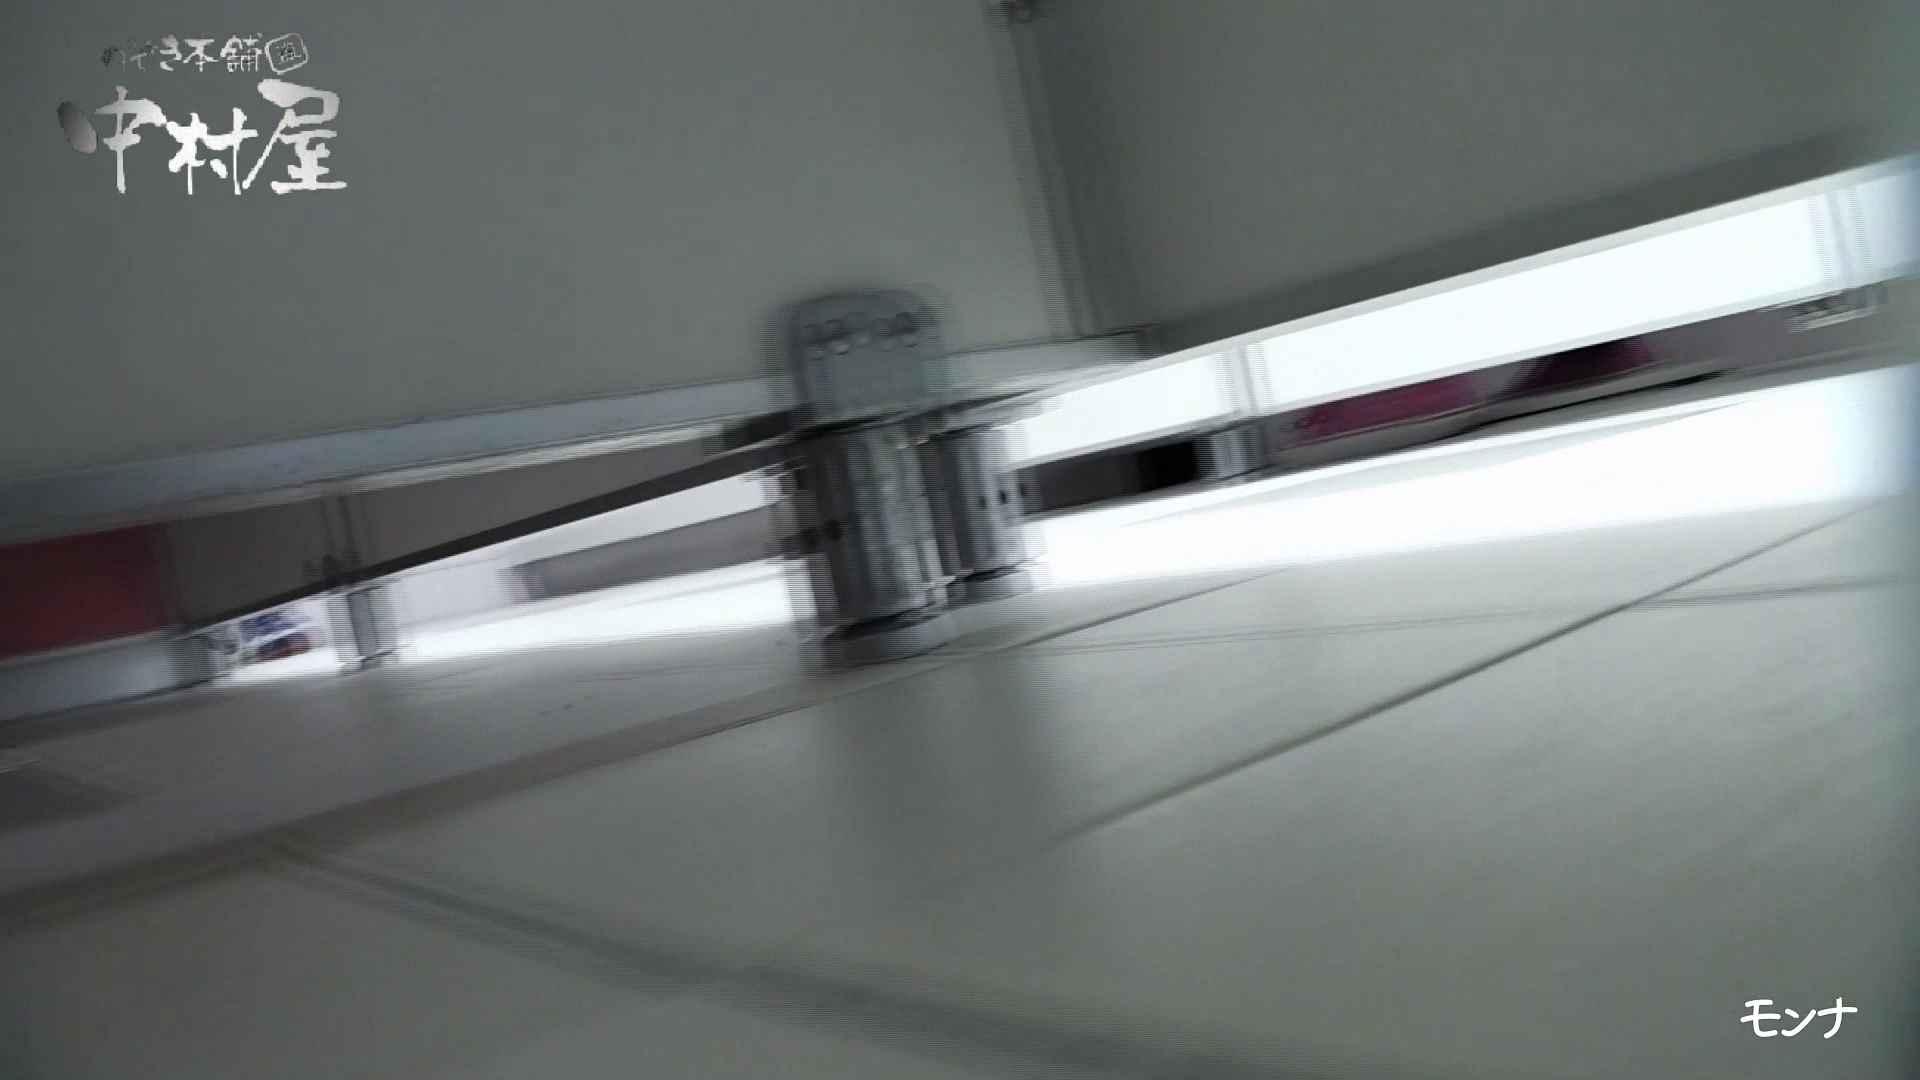 【美しい日本の未来】美しい日本の未来 No.38 久しぶり、復活しようかなあ?^^ by モンナ おまんこ特別編 | 超エロギャル  83枚 36